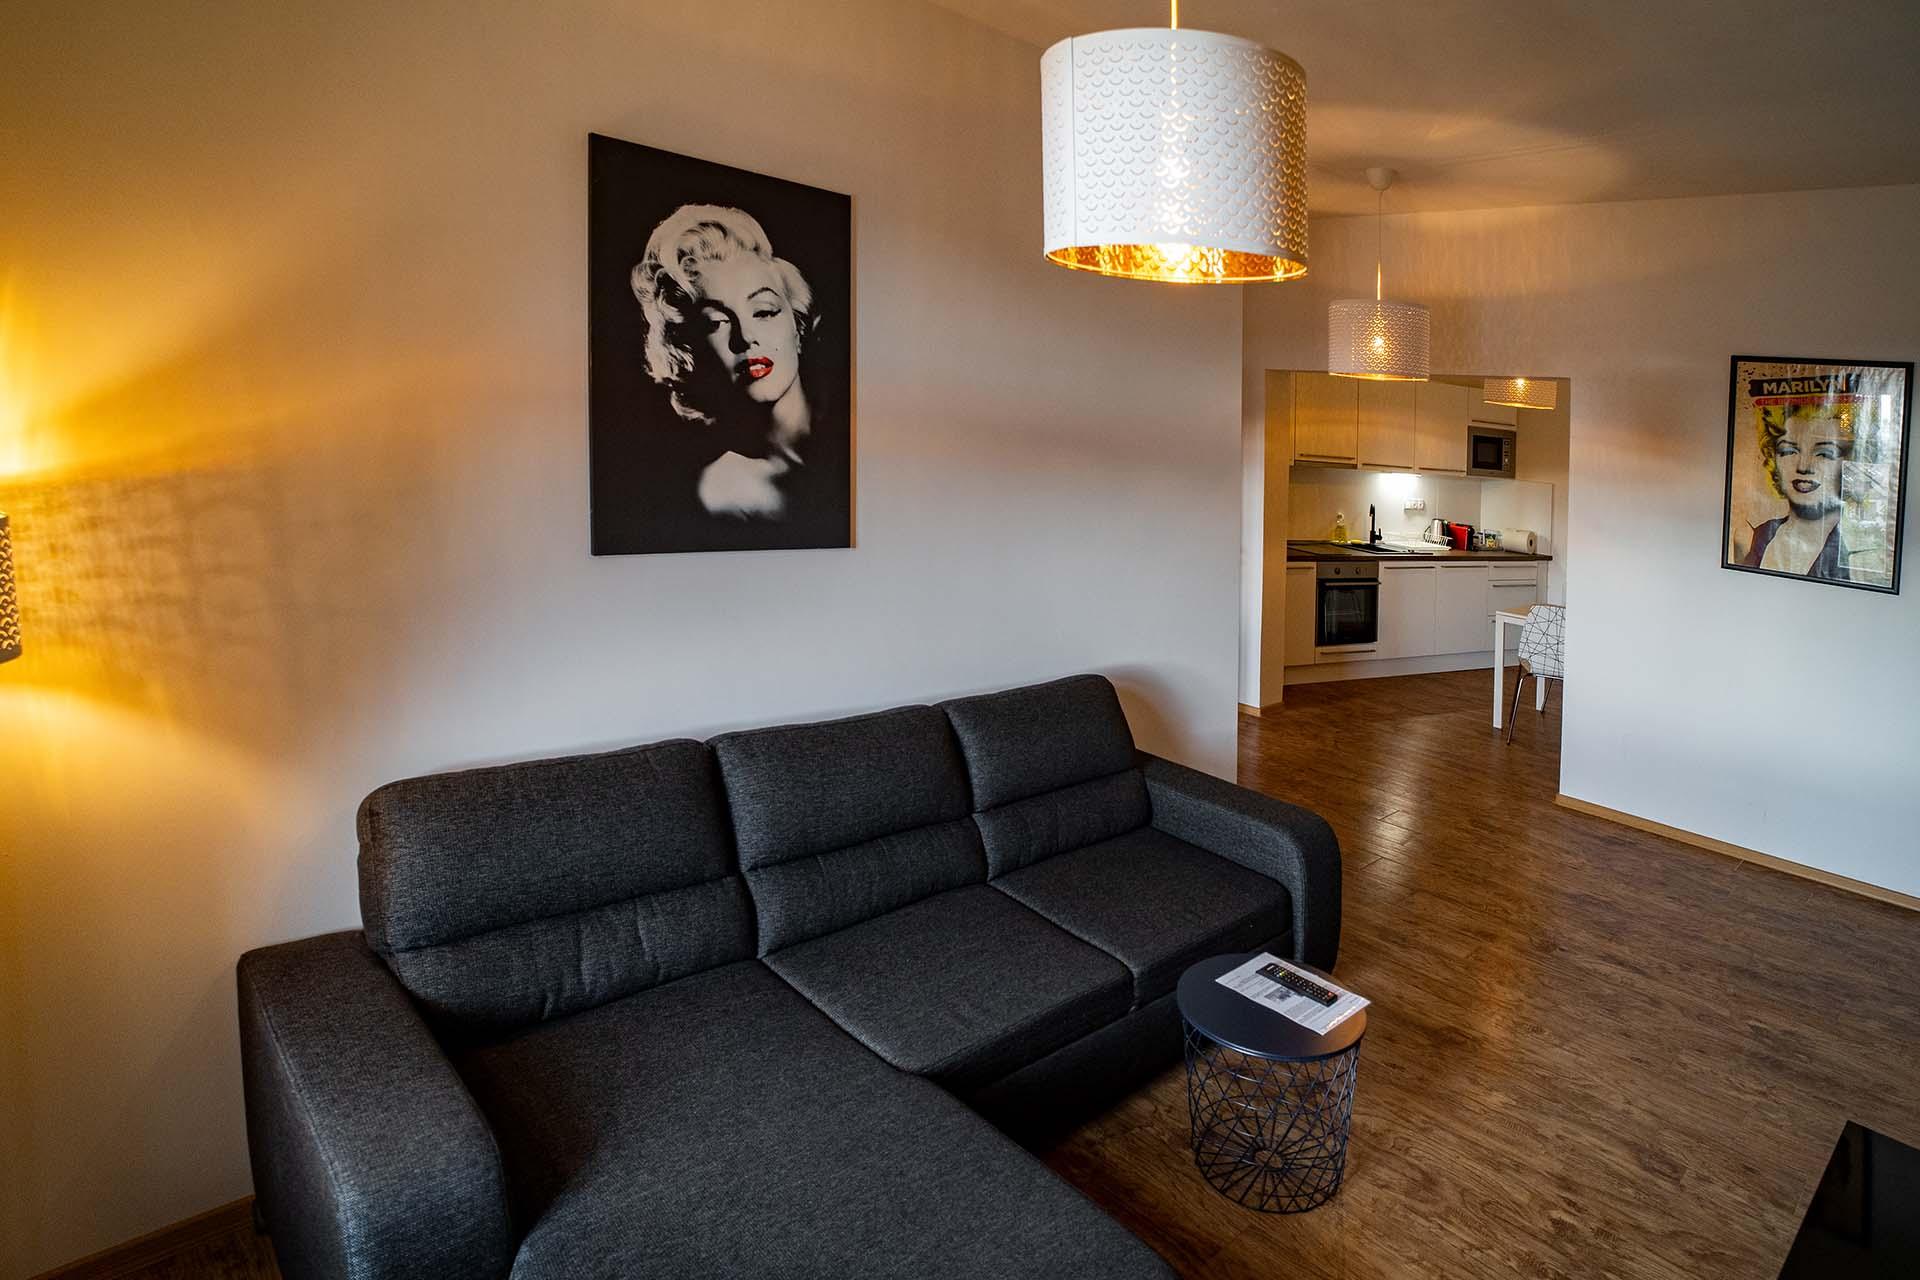 apartmany-obrazek-4